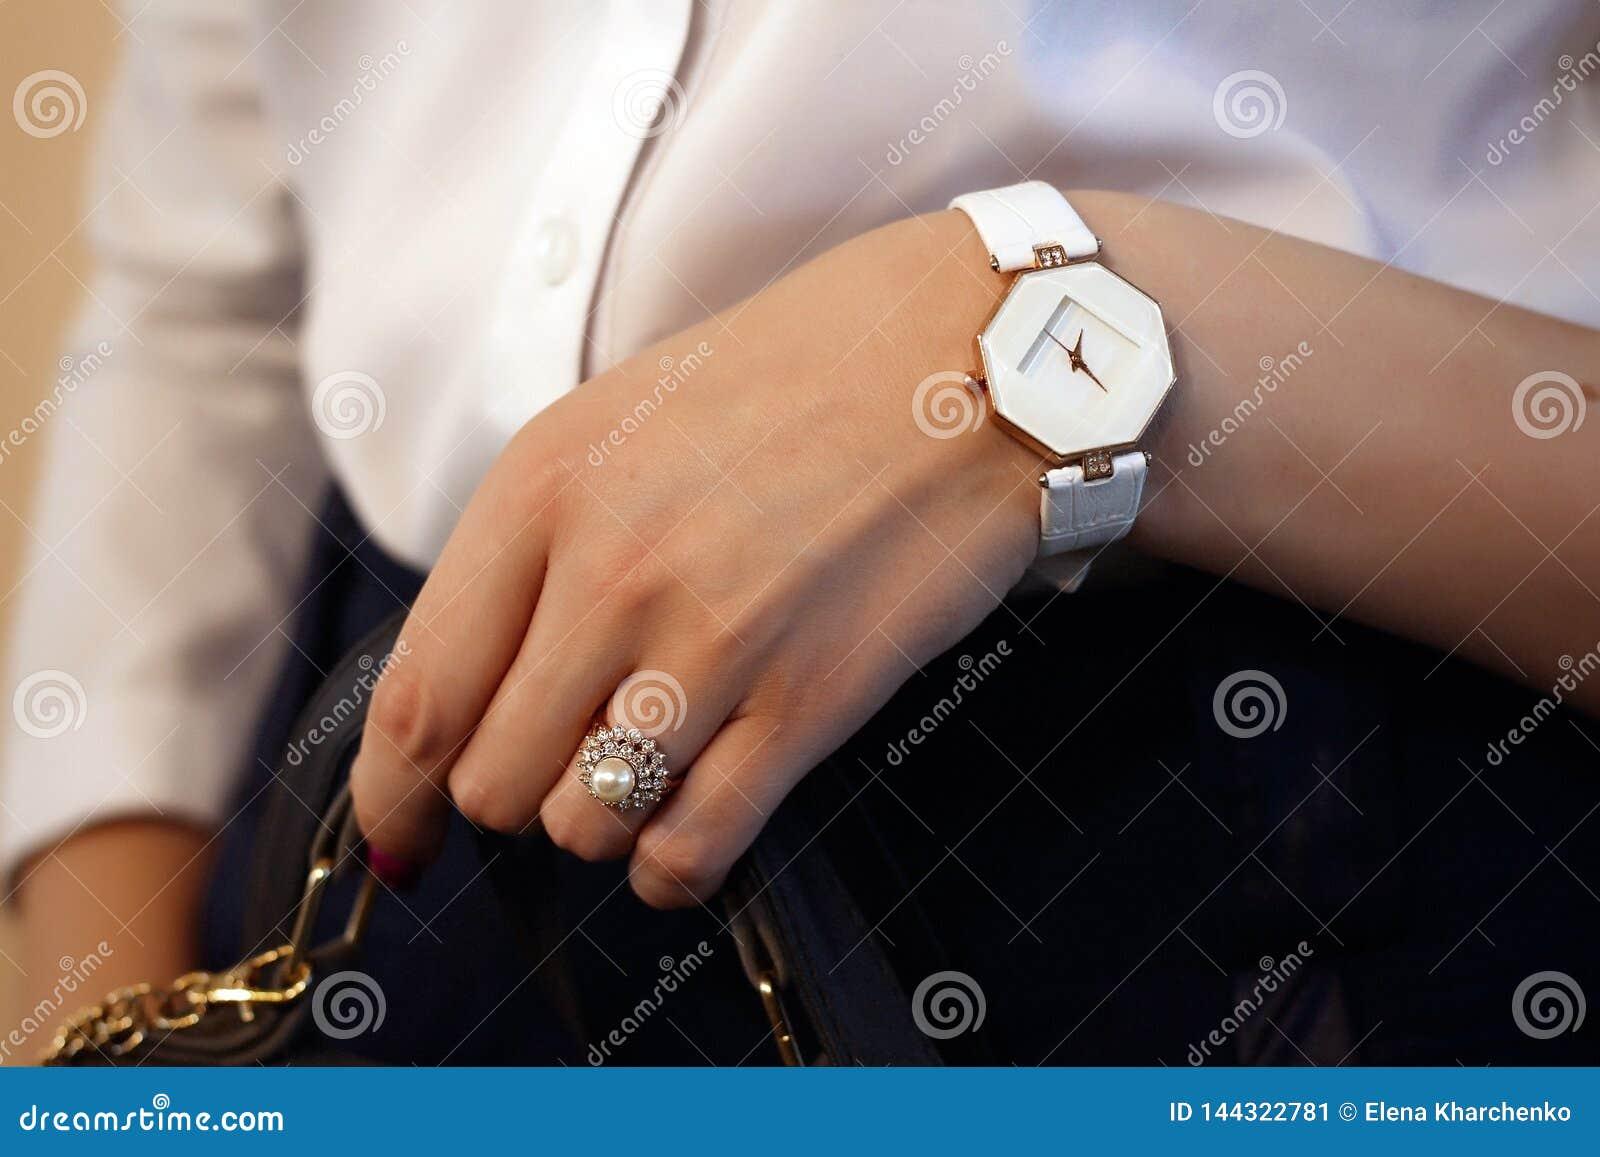 Ένα δαχτυλίδι με τις πέτρες και ένα ρολόι σε ετοιμότητα ενός κοριτσιού